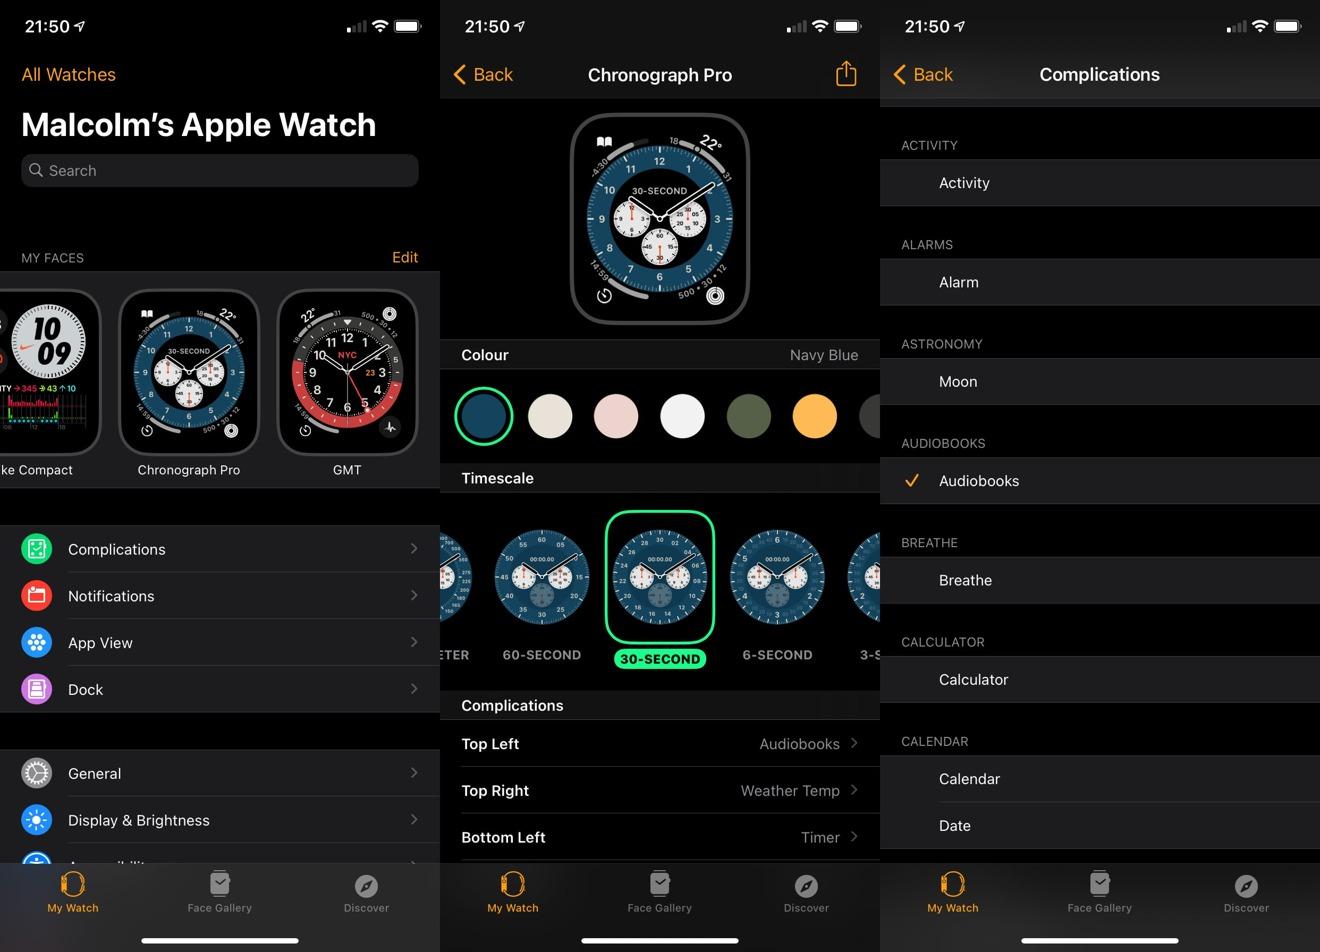 Cambiar los atributos y las complicaciones de la esfera del reloj a través de la aplicación Watch del iPhone.